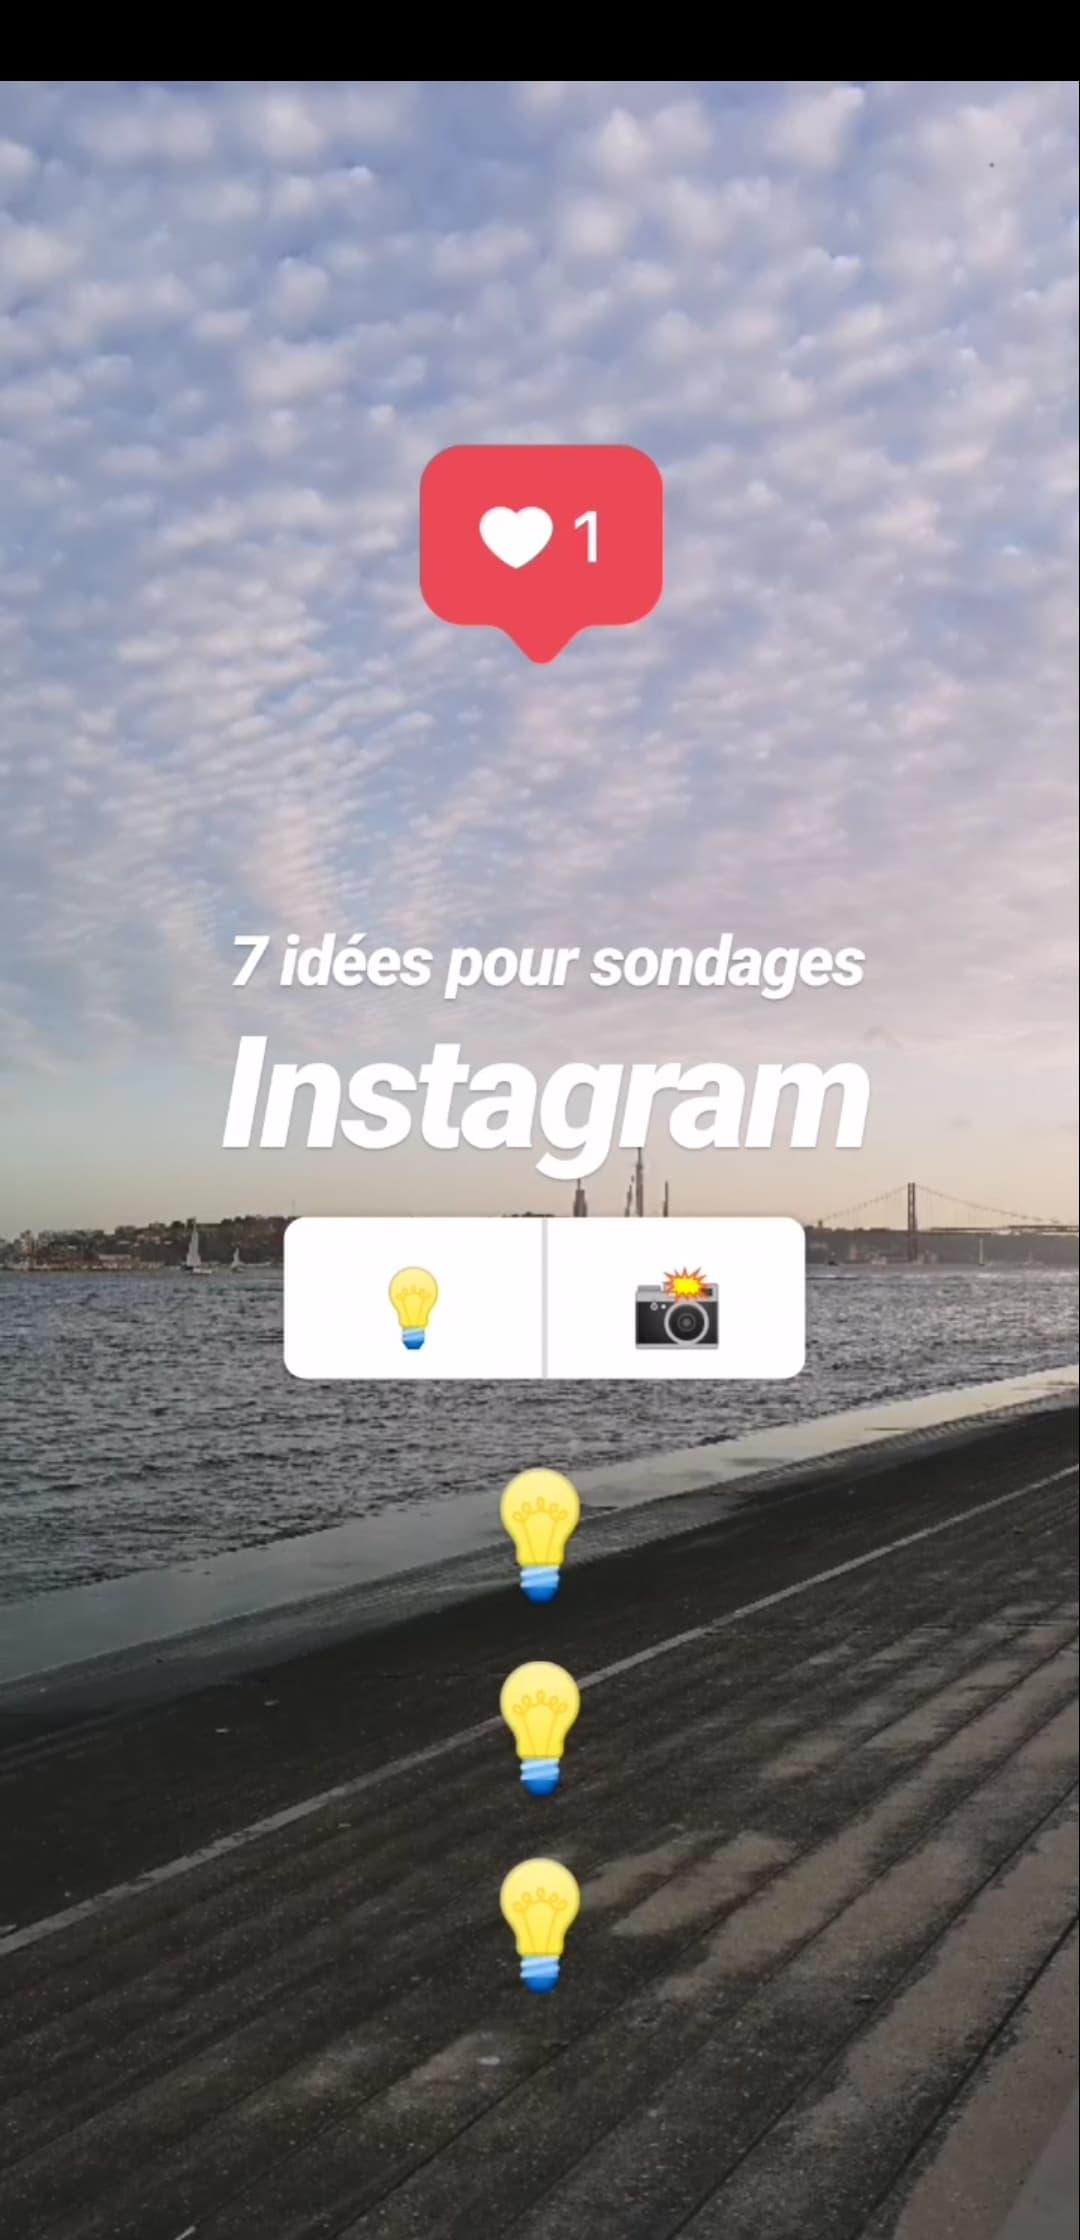 Comment faire un sondage sur Instagram ? 7 idées créatives pour utiliser les sondages dans Instagram Stories